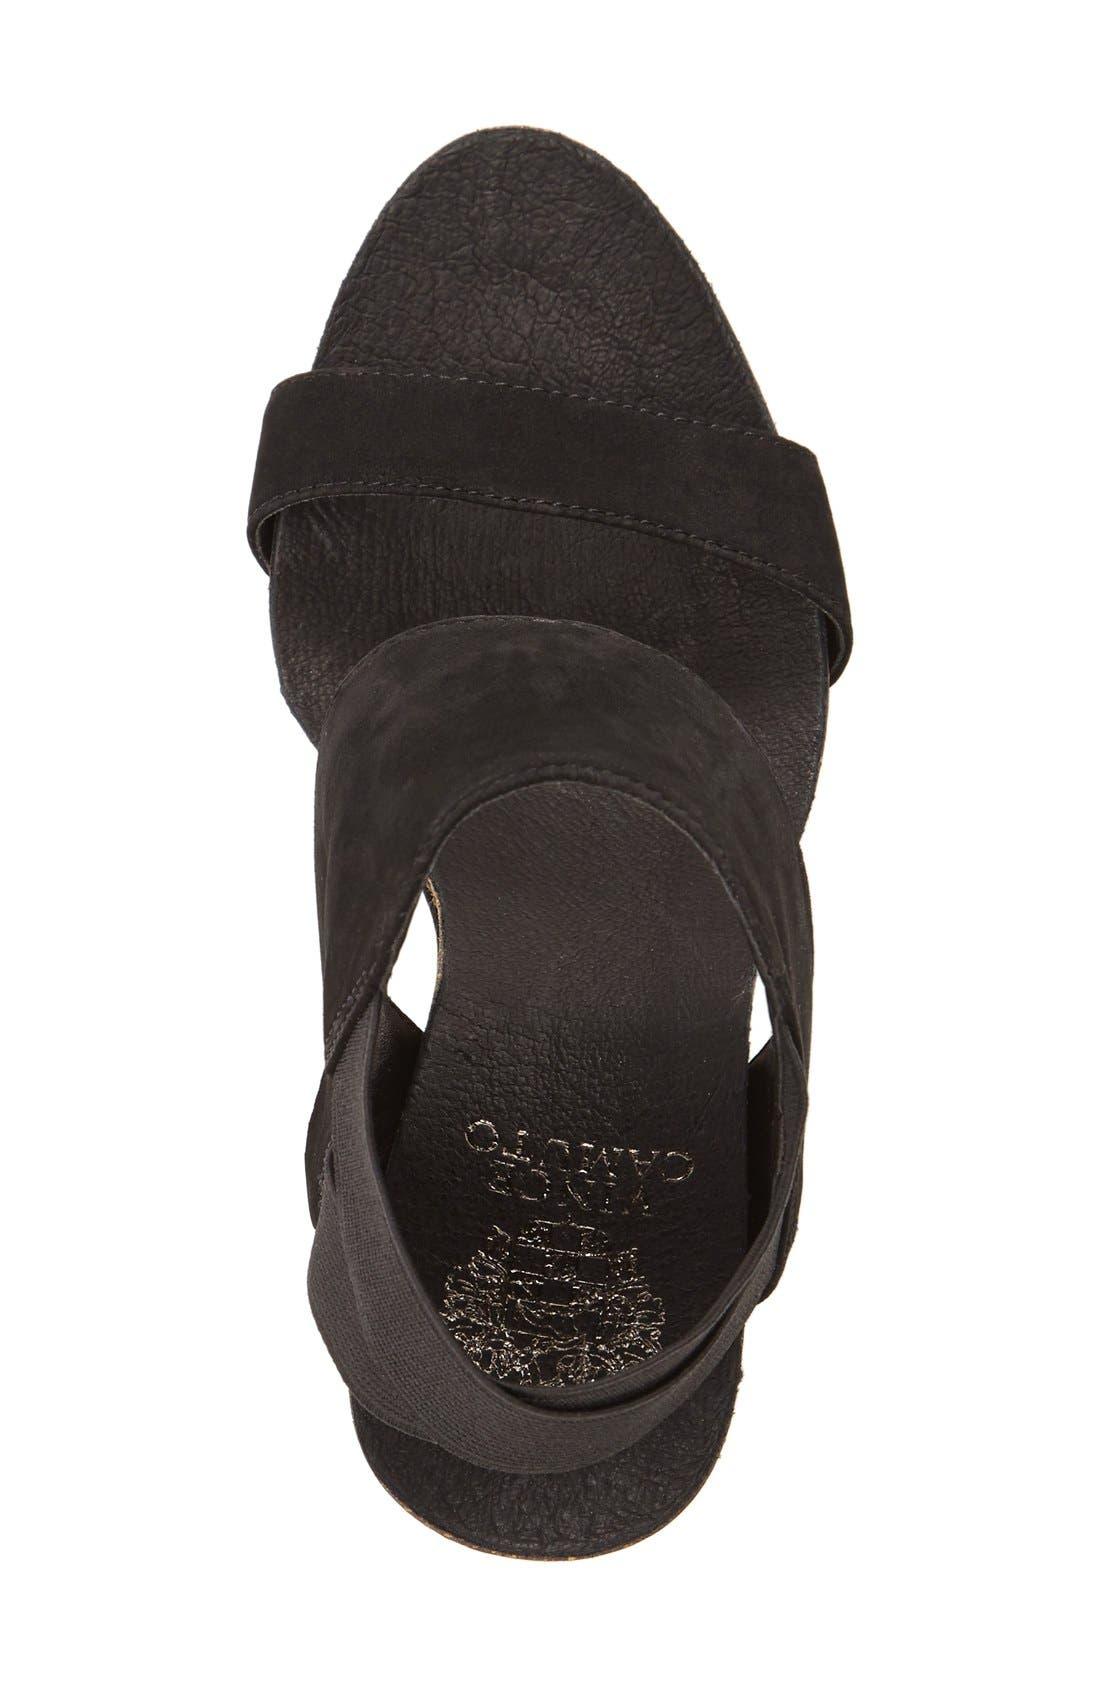 Kresta Platform Wedge Sandal,                             Alternate thumbnail 3, color,                             001